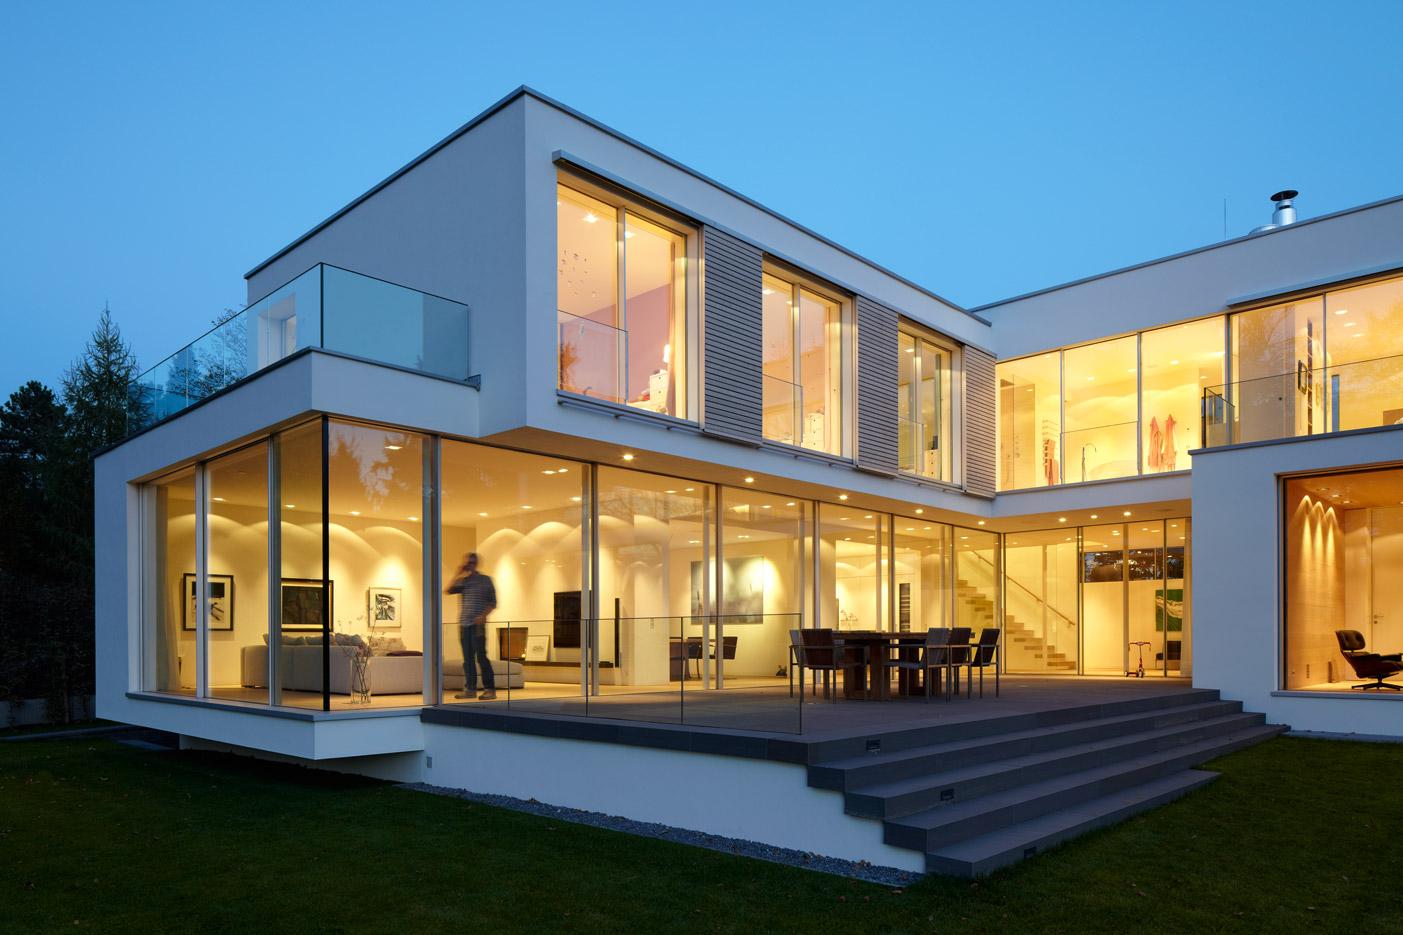 Düsseldorf Architekten portfolio michael reisch architekturfotografie